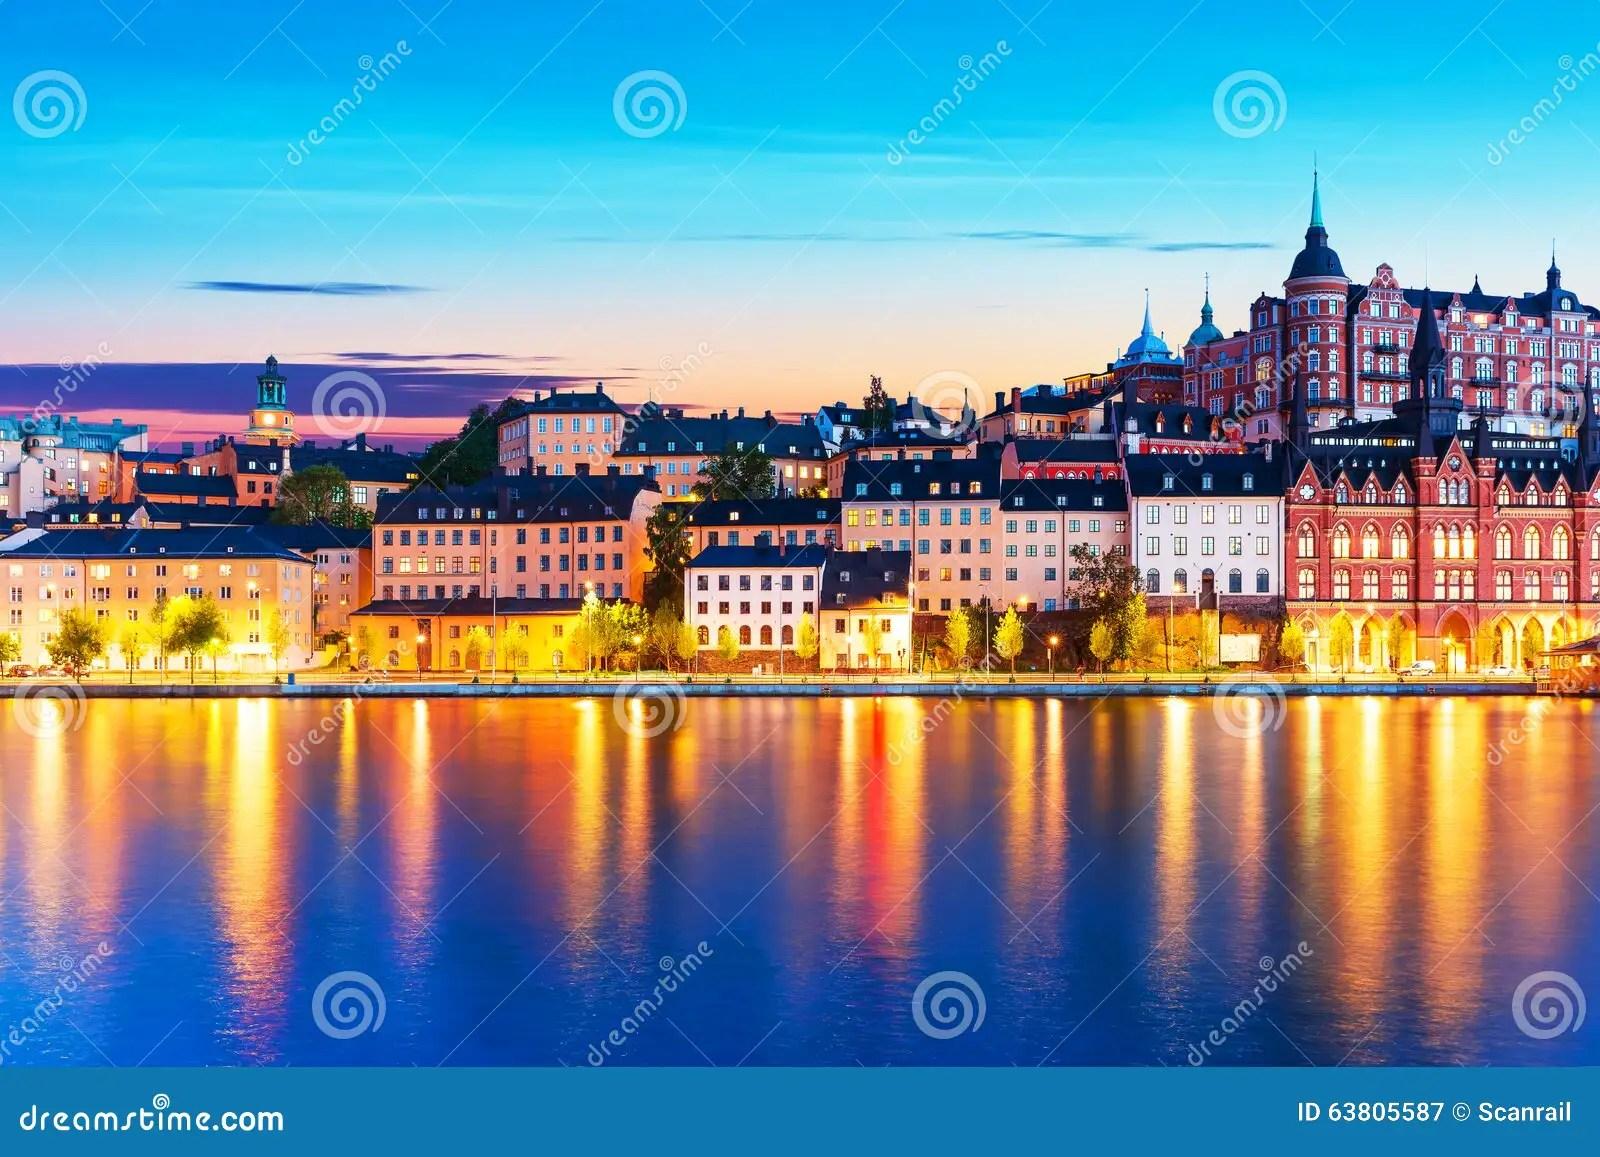 Paesaggio Di Sera Di Citt Vecchia A Stoccolma Svezia